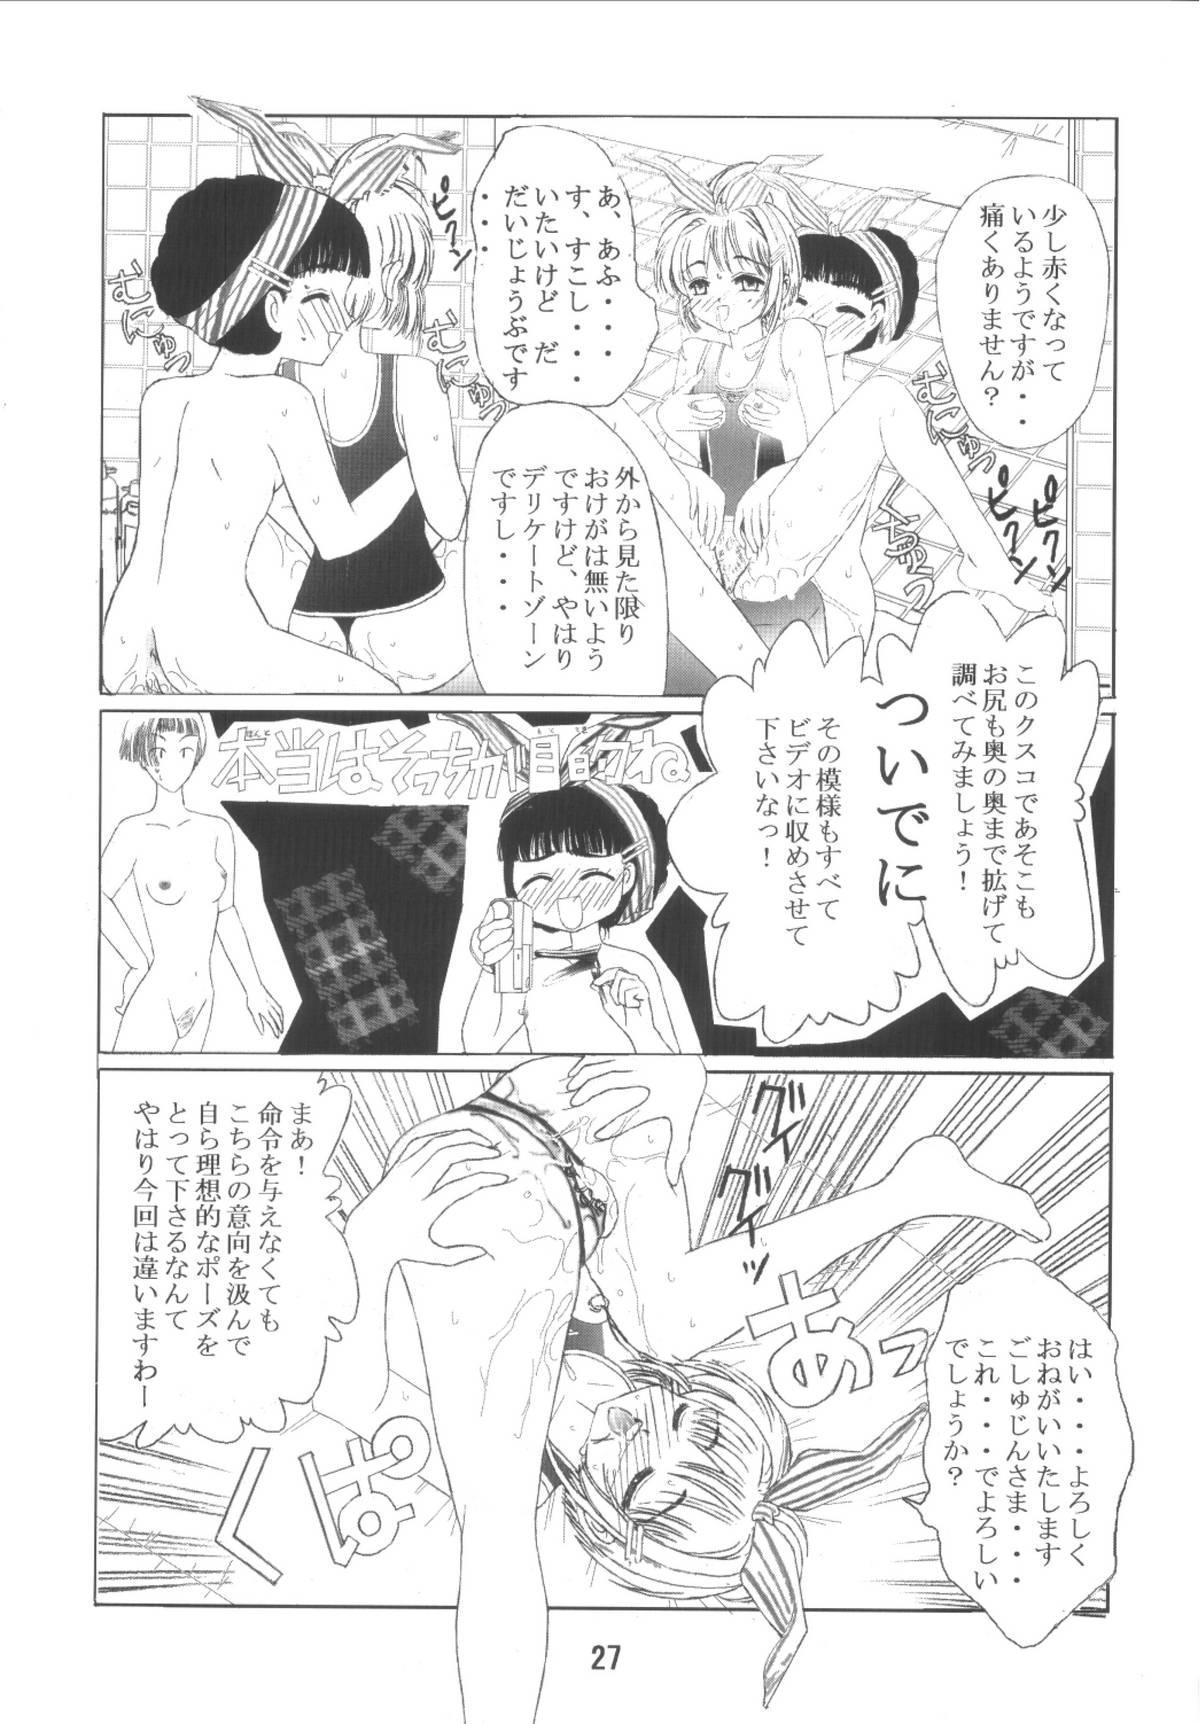 Kuuronziyou 10 Sakura-chan de Asobou 5 26